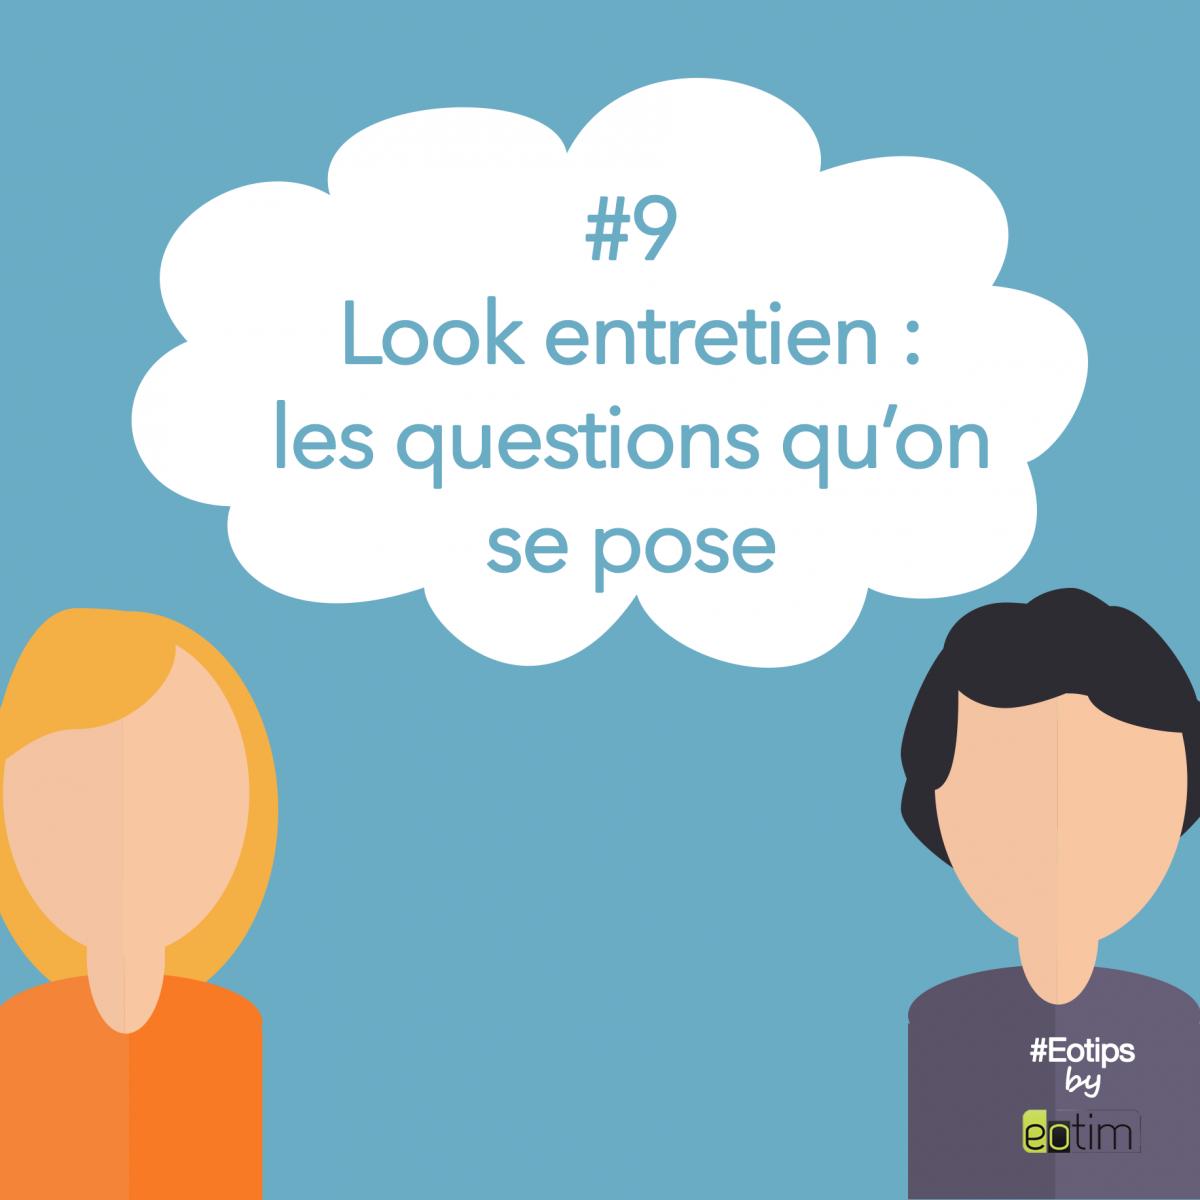 Eotips #9 : Look entretien : les questions qu'on se pose